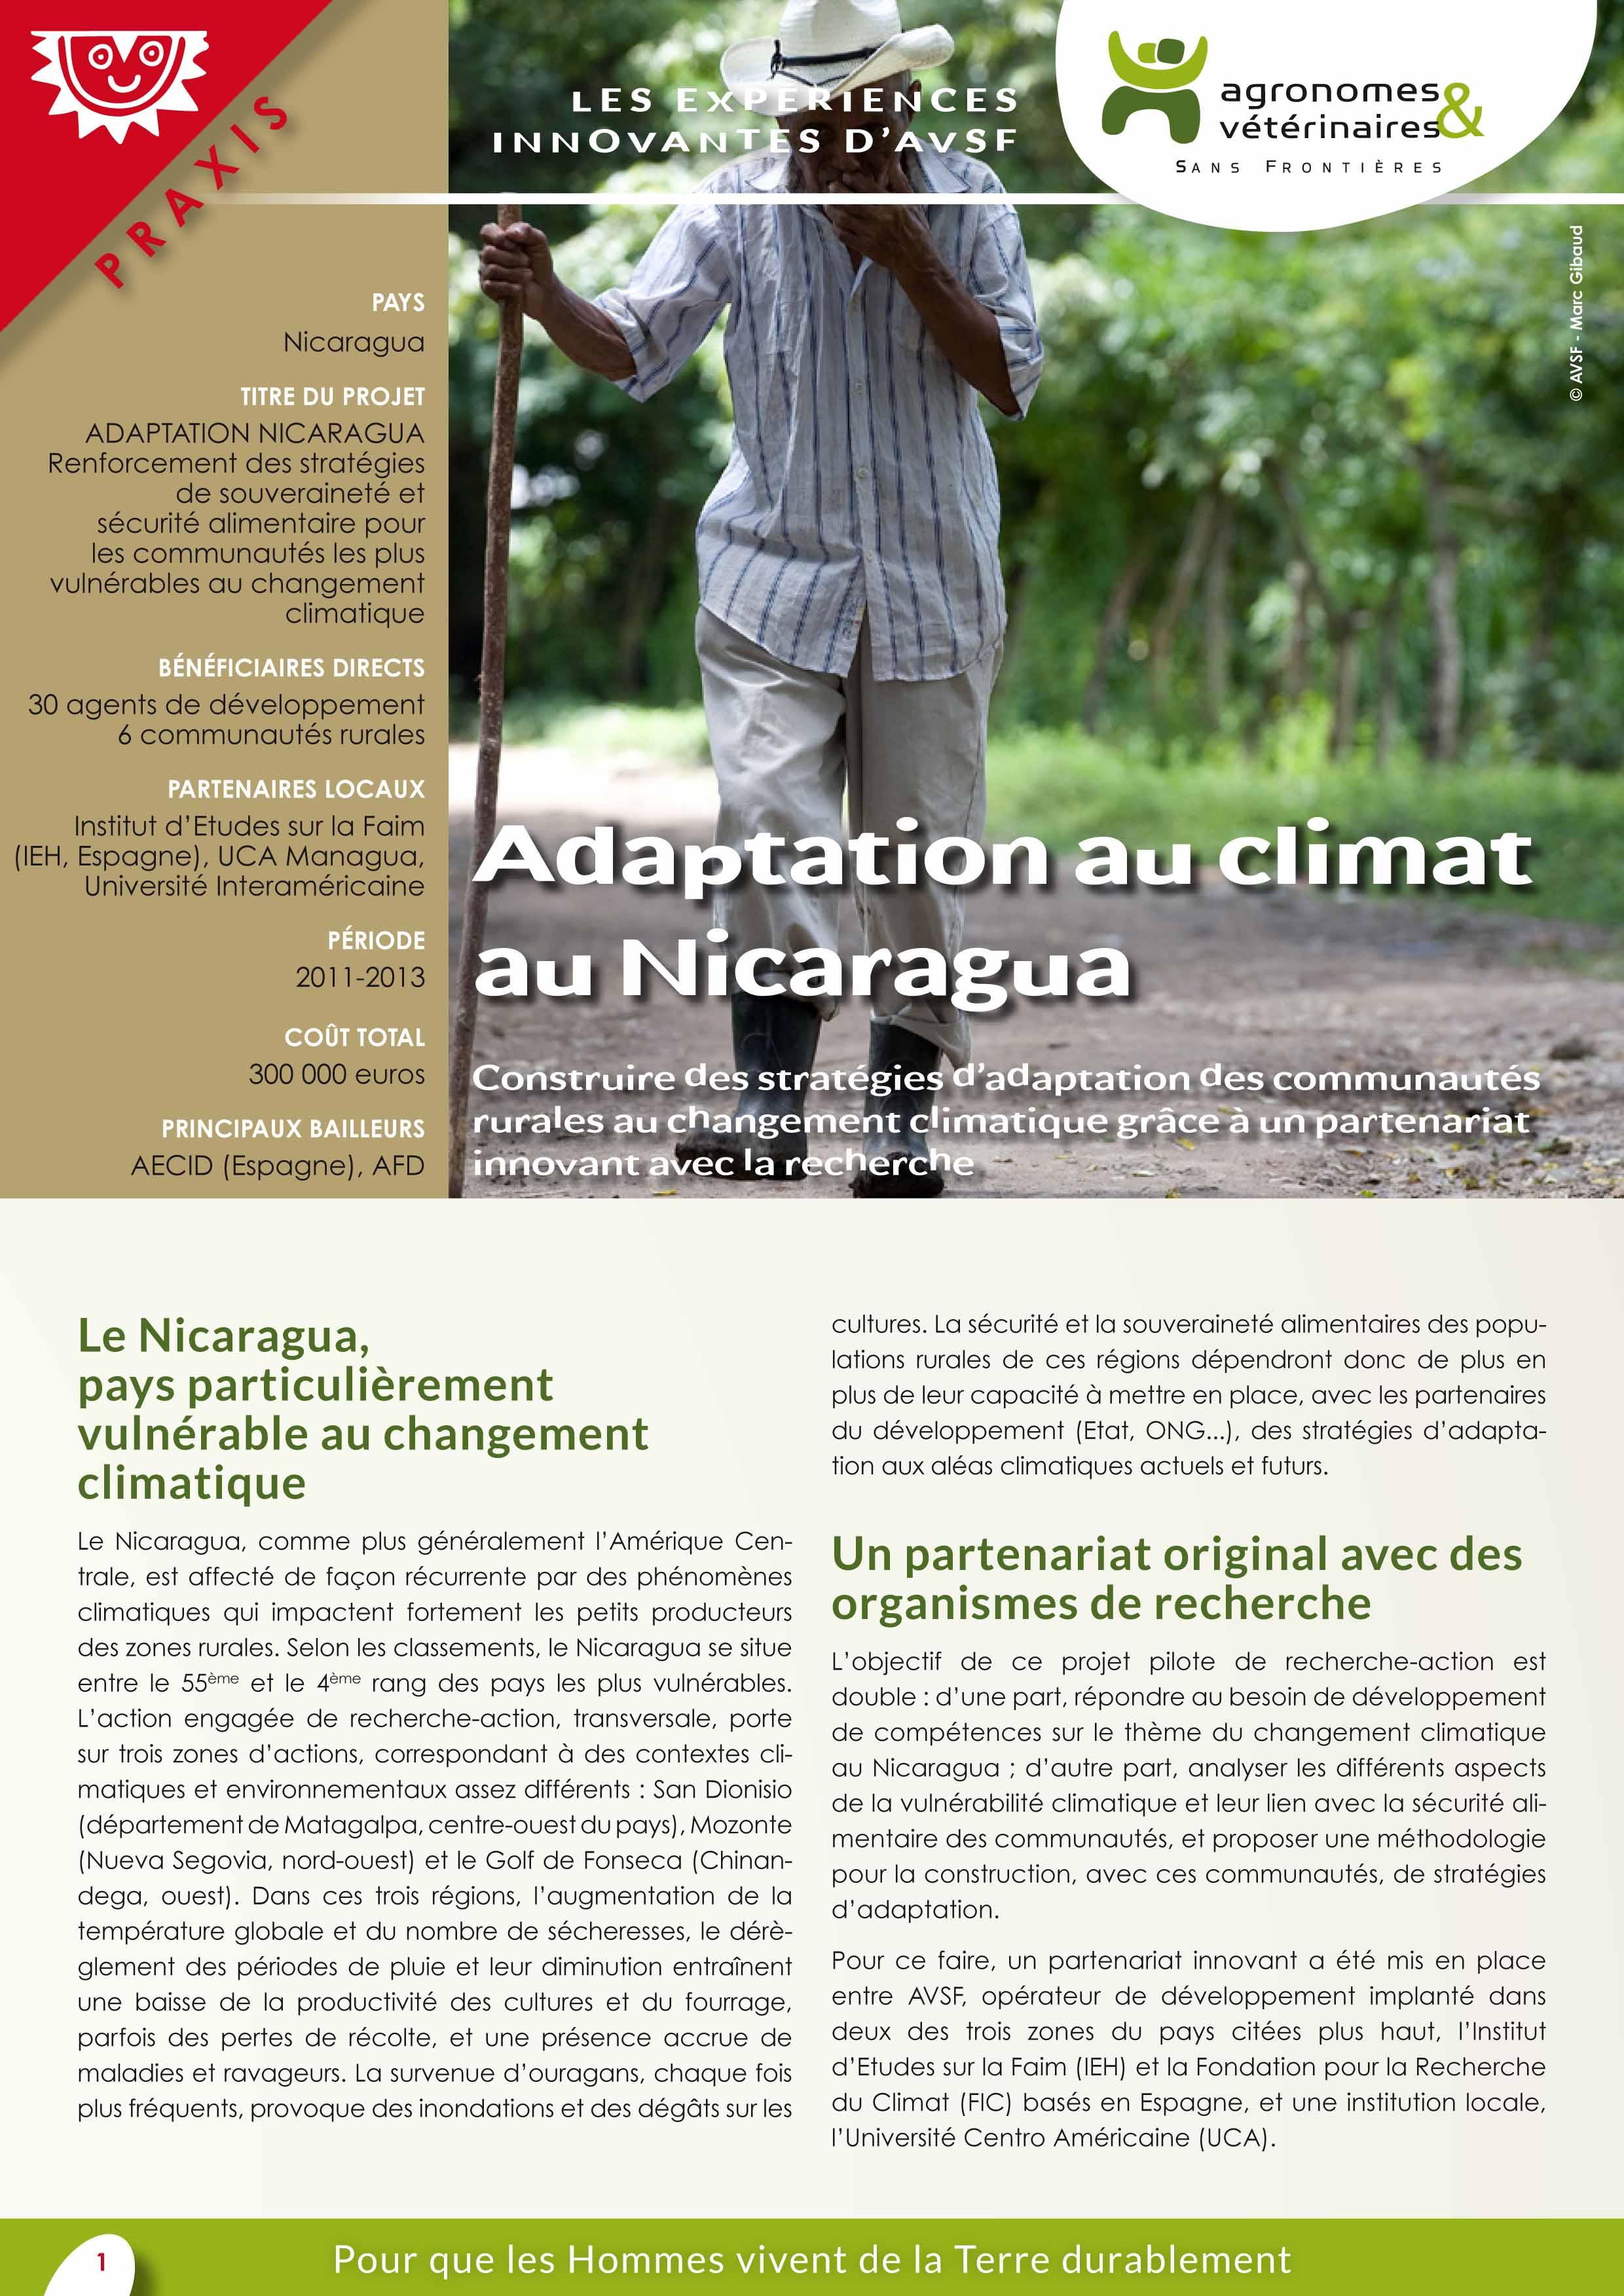 Les expériences innovantes d'AVSF : Adaptation au climat au Nicaragua Image principale